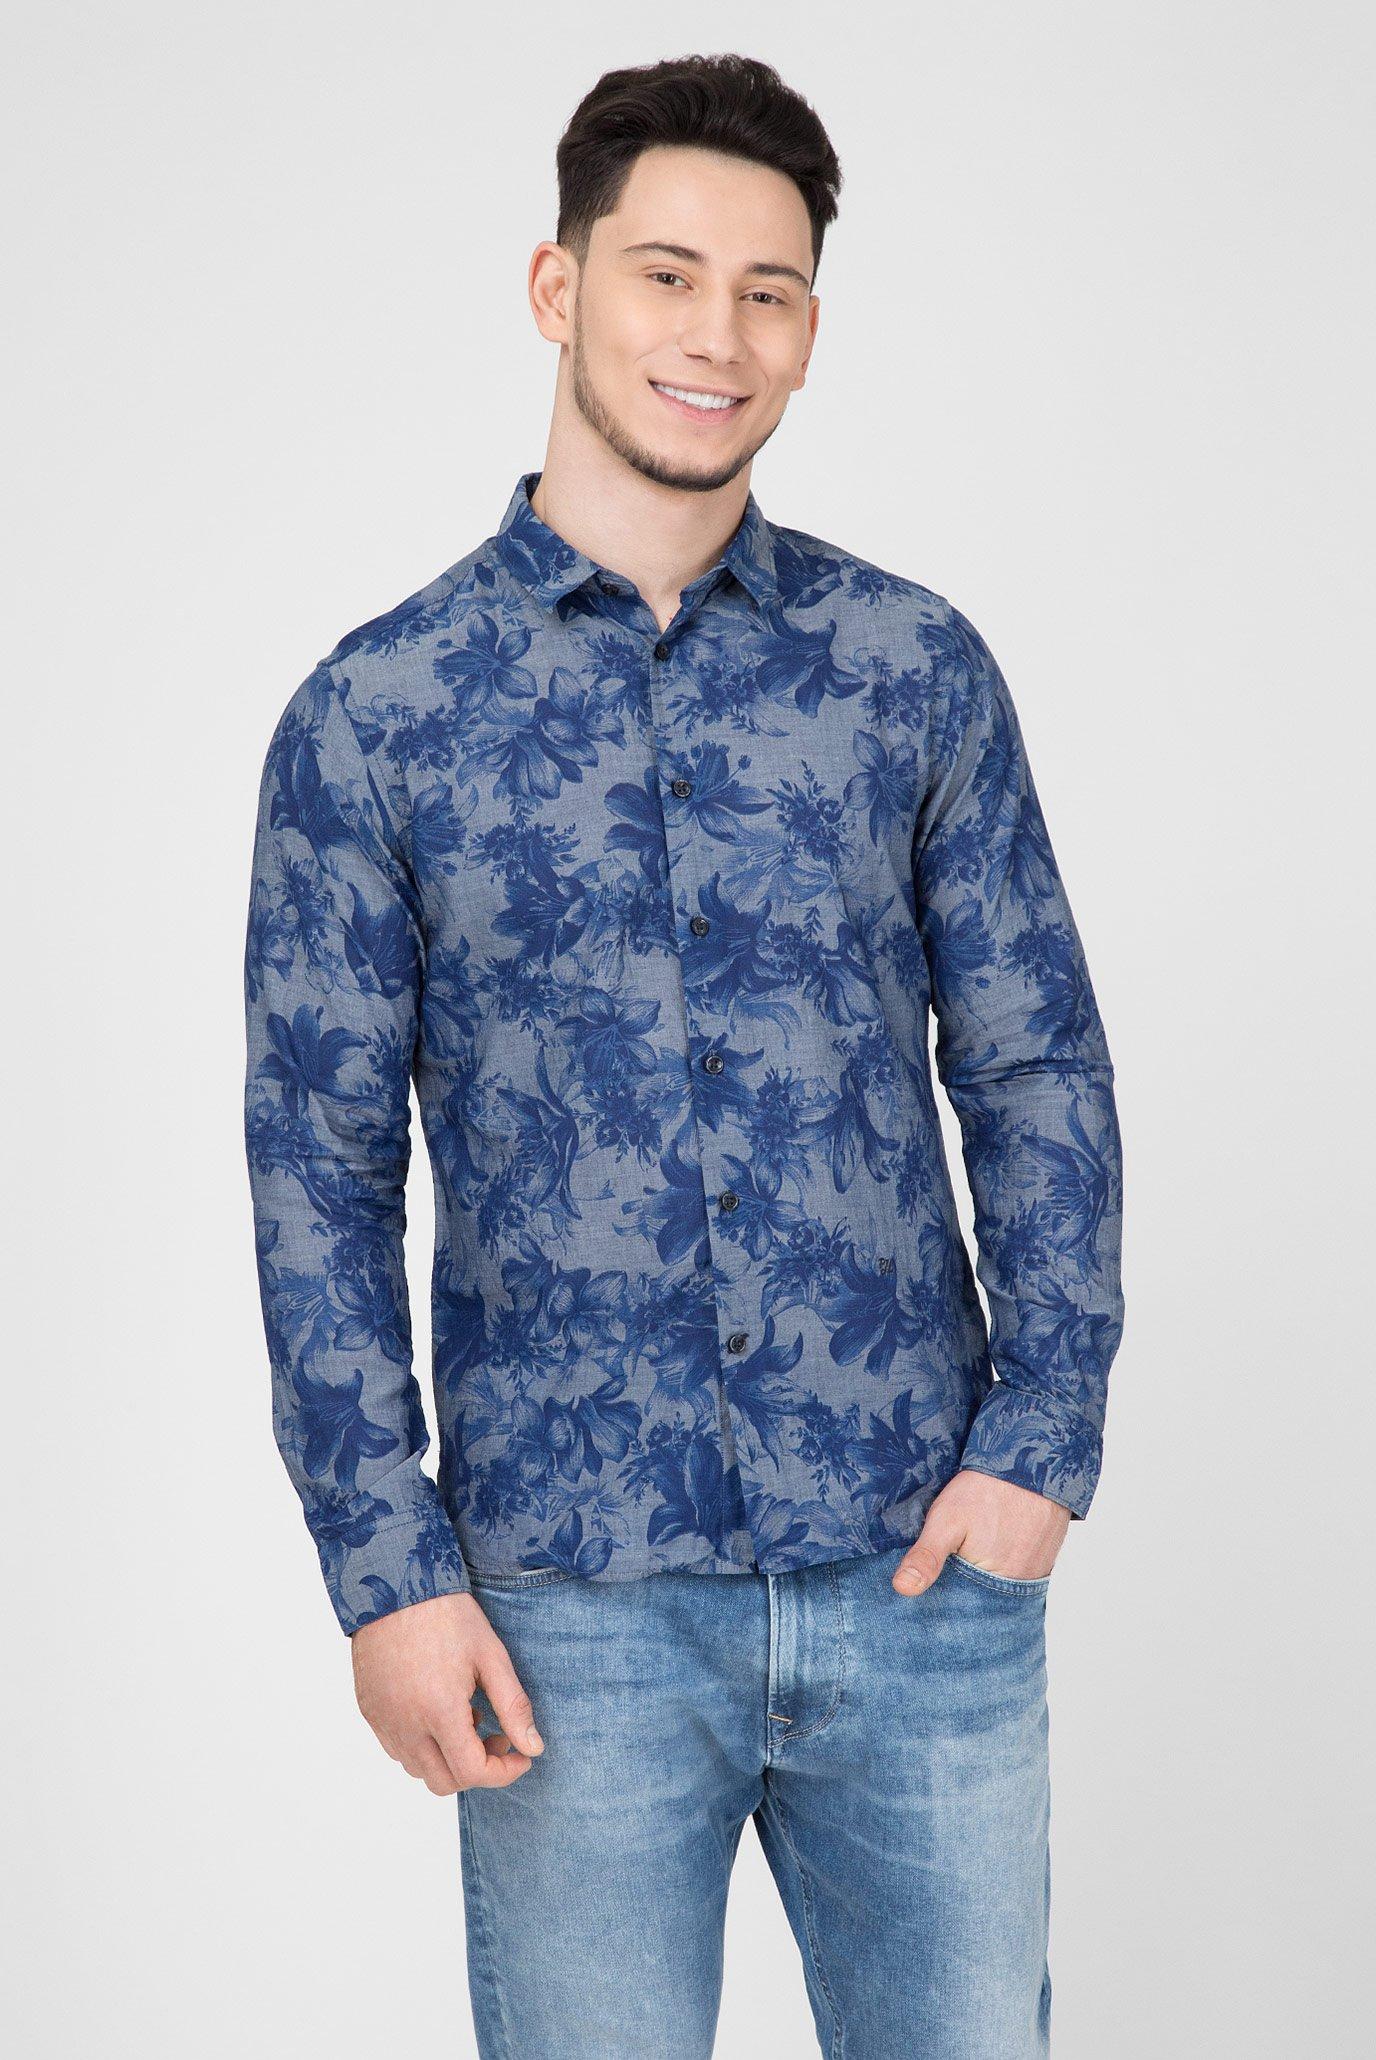 a08f3e4e98e Купить Мужская синяя рубашка с принтом DEXTER Pepe Jeans Pepe Jeans  PM305809 – Киев